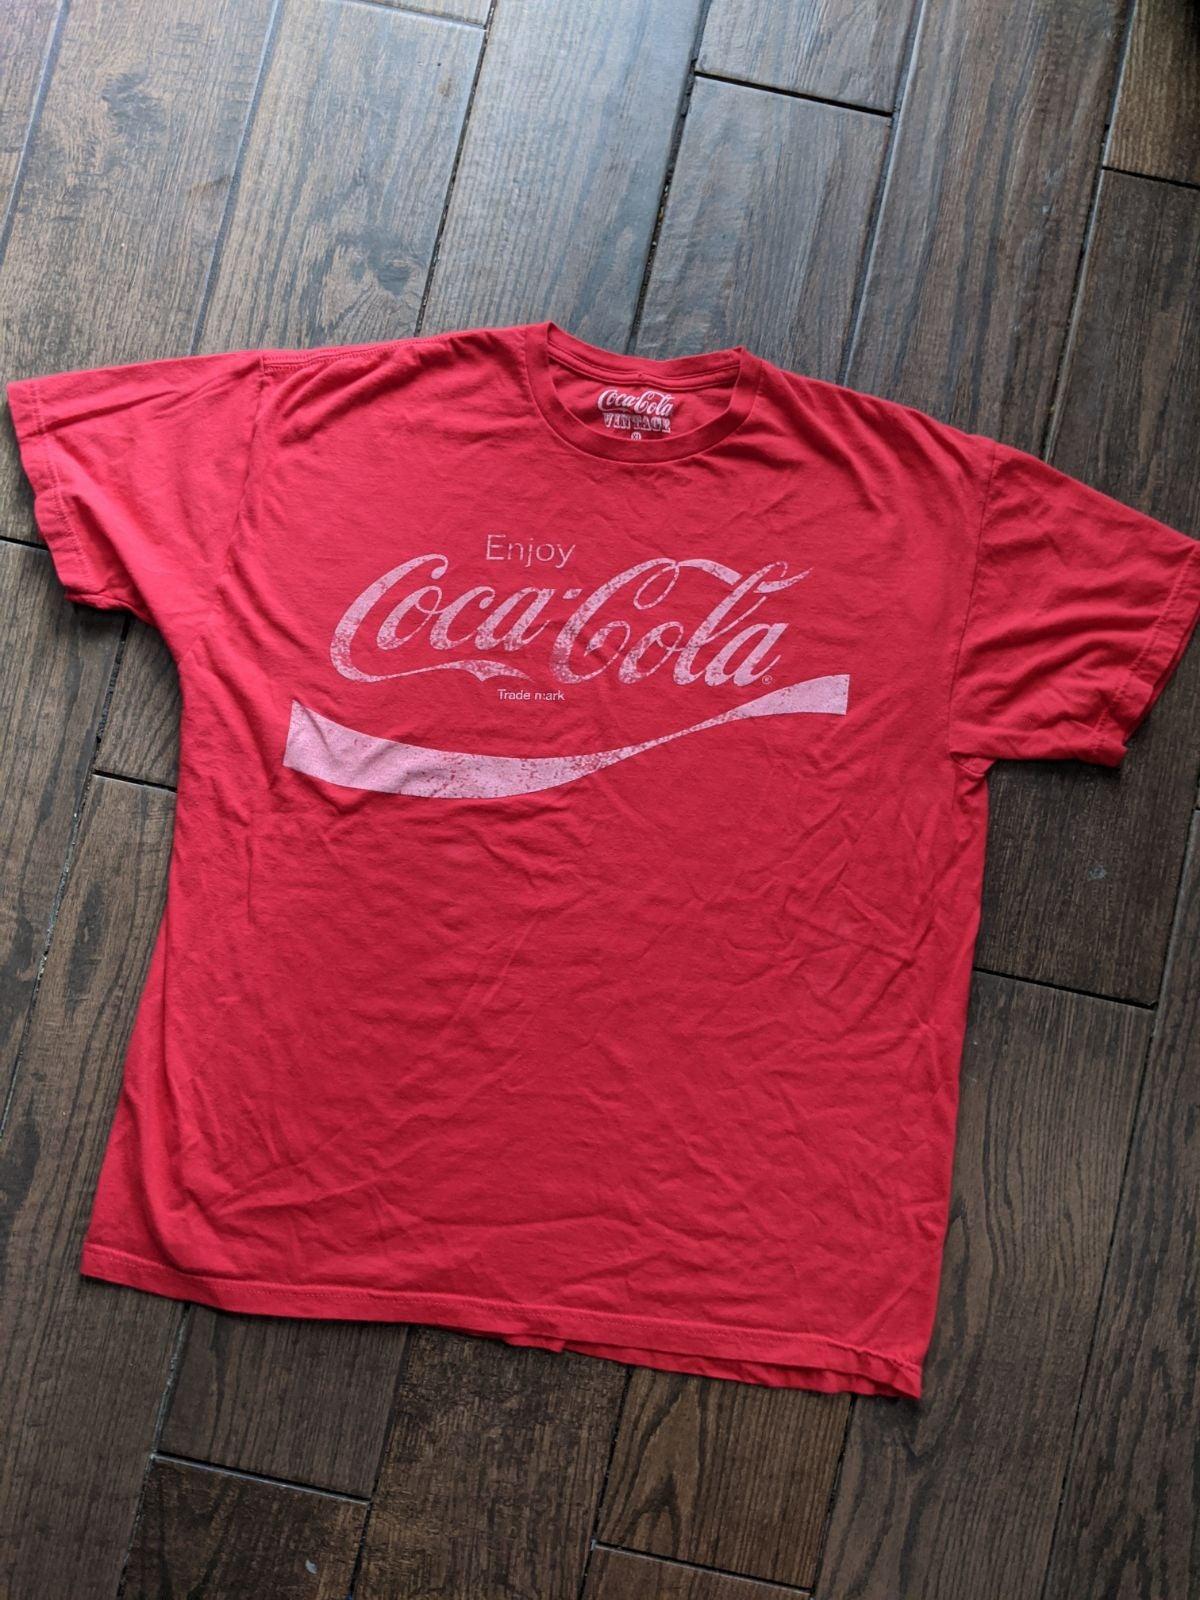 Coca cola short sleeve vintage  tshirt